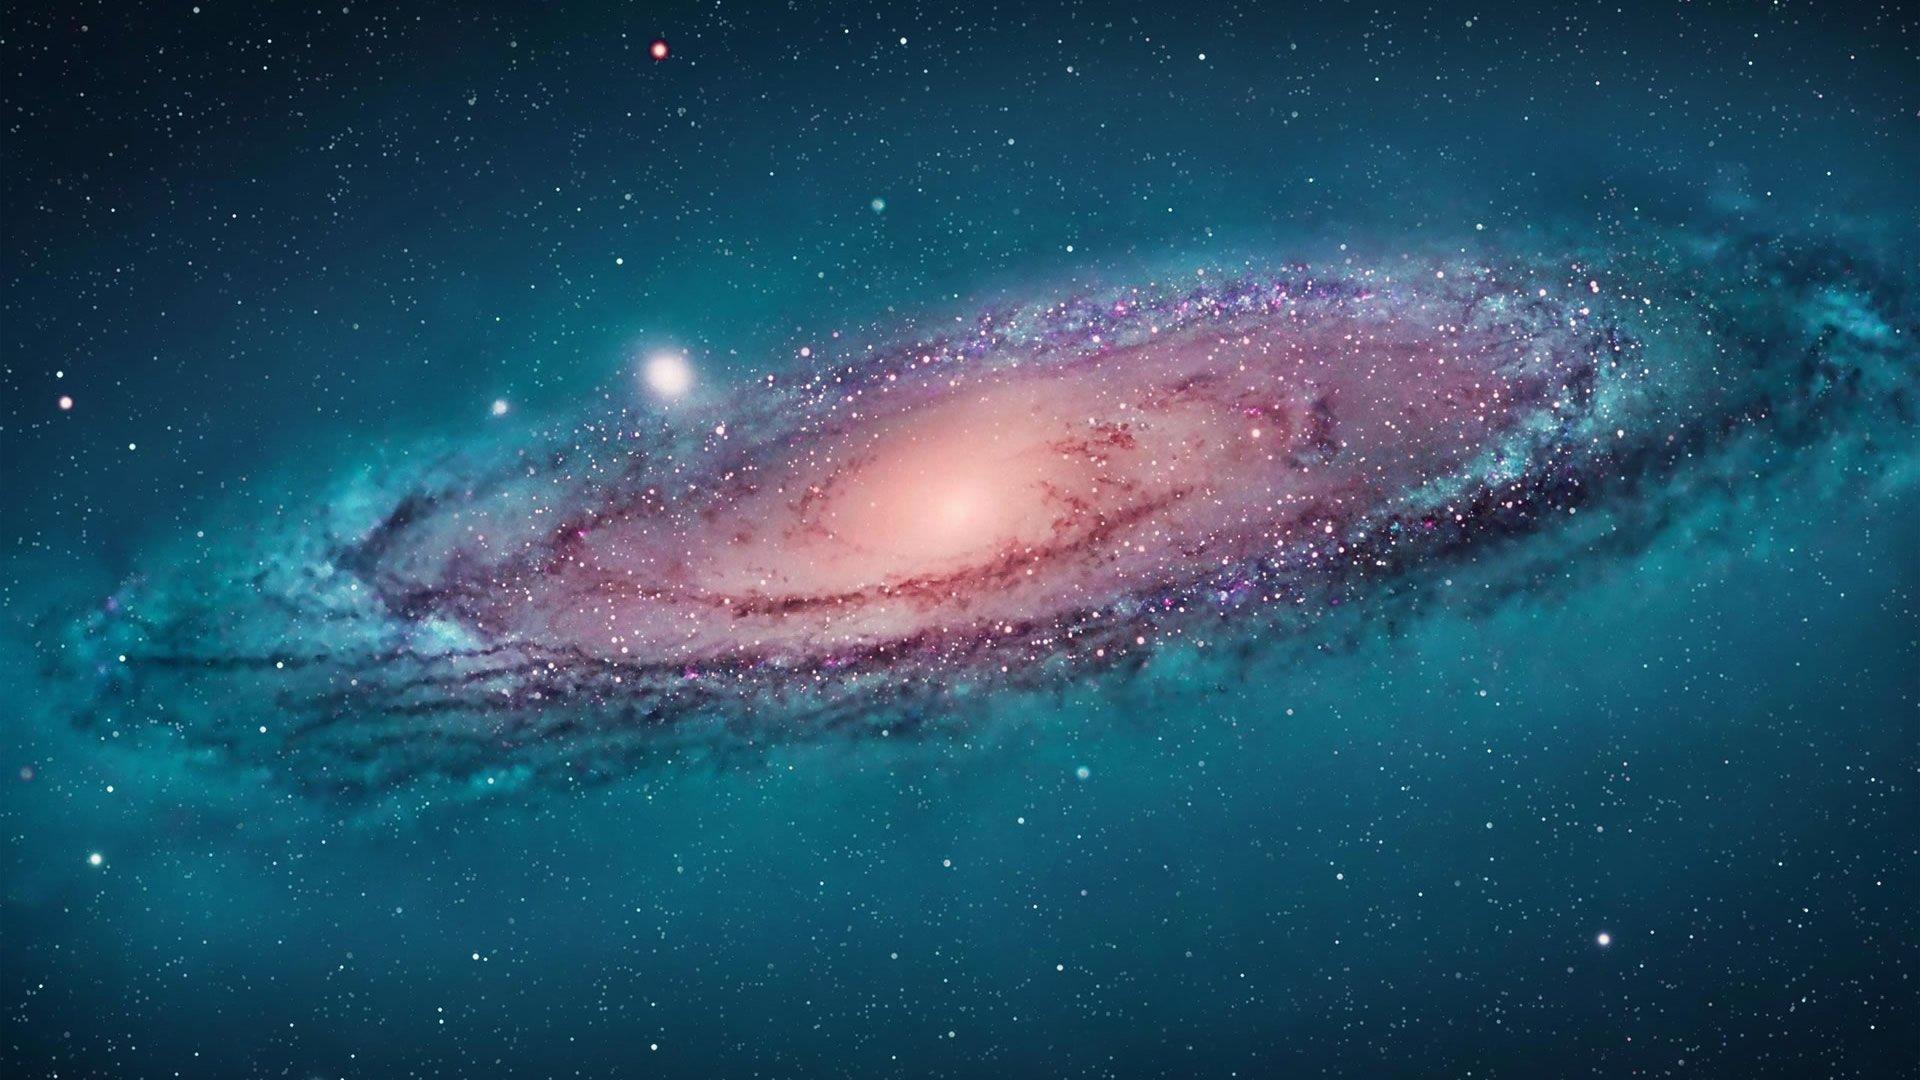 Wallpaper galaxy hd